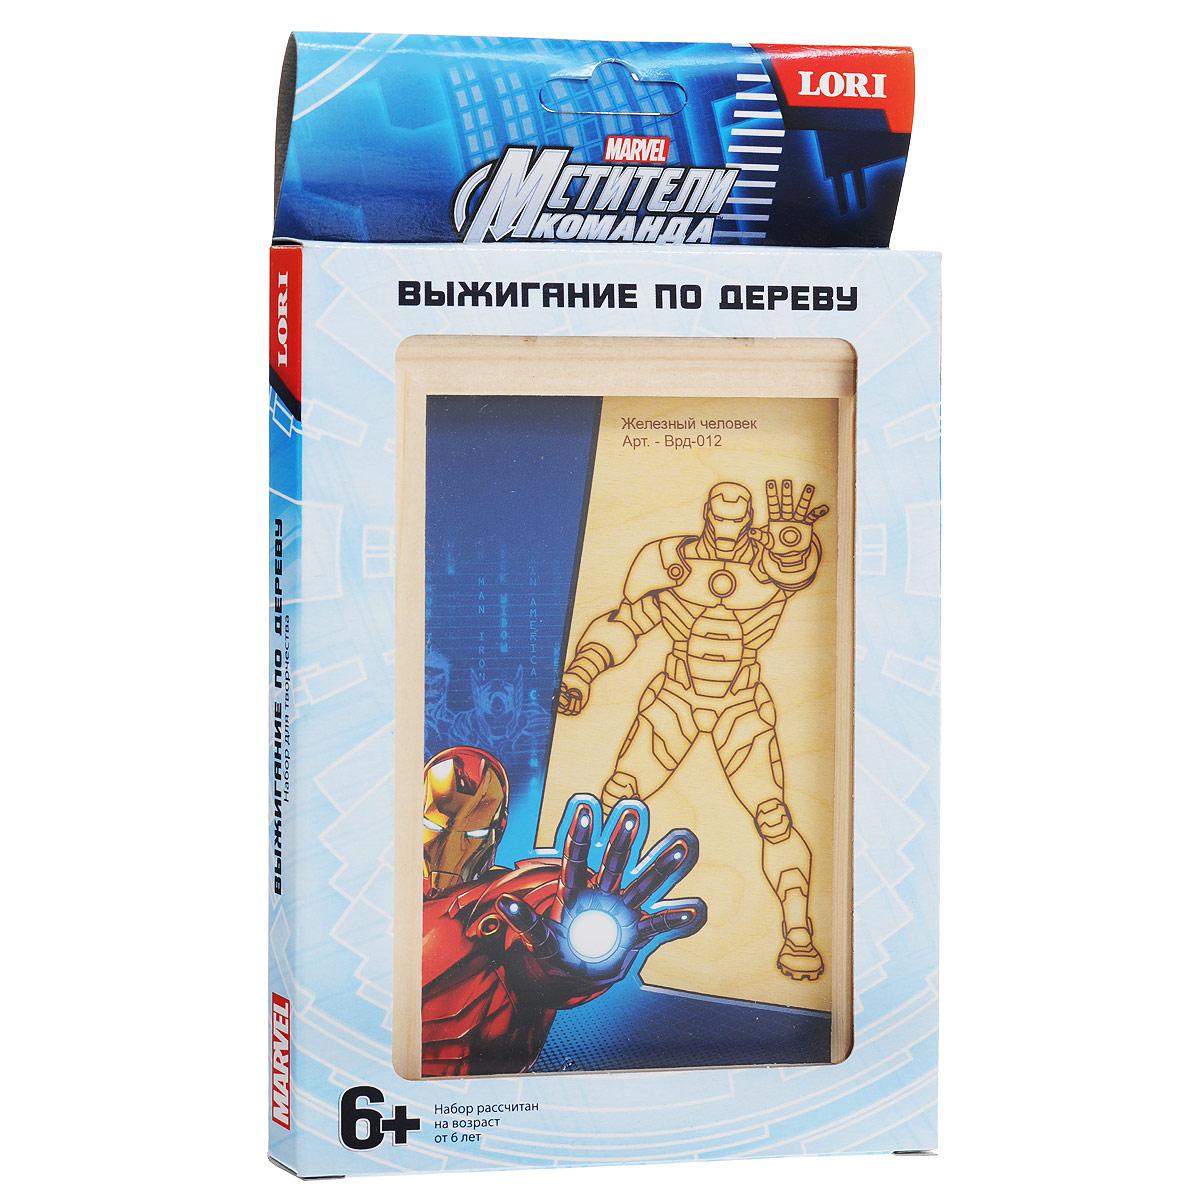 """Картина для выжигания по дереву Lori """"Мстители: Железный человек"""" позволит вам и вашему ребенку создать собственный шедевр. В комплект входит деревянная основа с нанесенным контуром рисунка, деревянная рамка, которой можно оформить законченную работу и подробная инструкция на русском языке. Соблюдая осторожность, проведите нагретым прибором для выжигания по контуру рисунка, и он оставит след на поверхности дерева. Немного терпения - и ваш ребенок сможет своими руками создать картину в технике пирографии. Декоративное выжигание - одно из популярных ремесел, глубоко связанное с традициями русского народного творчества. Выжигание развивалось параллельно с резьбой, точением, мозаикой и живописными работами по дереву, нередко дополняя эти виды искусства или выступая самостоятельно. Выжигание по дереву понравится и взрослым, и детям. Это не только увлекательное, но и полезное занятие - выжигание поможет детям развить усидчивость, внимательность, мелкую моторику и..."""